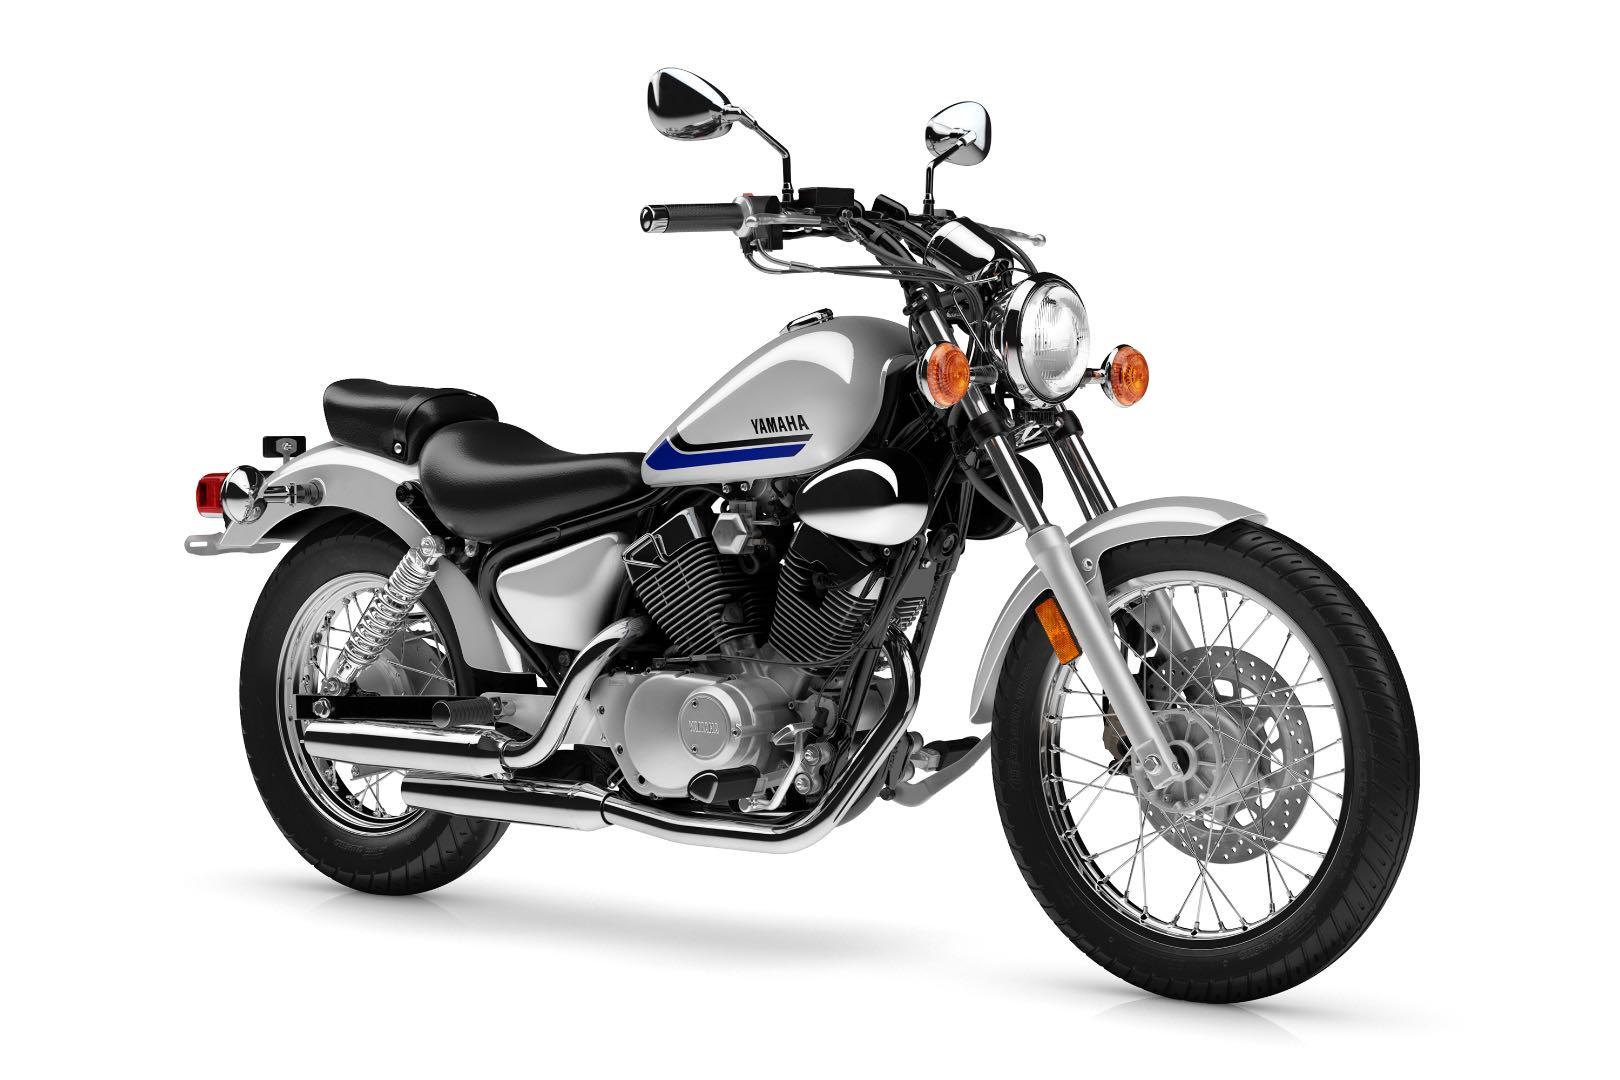 Yamaha Virago 250 2019 bị triệu hồi để khắc phục lỗi nhớt động cơ